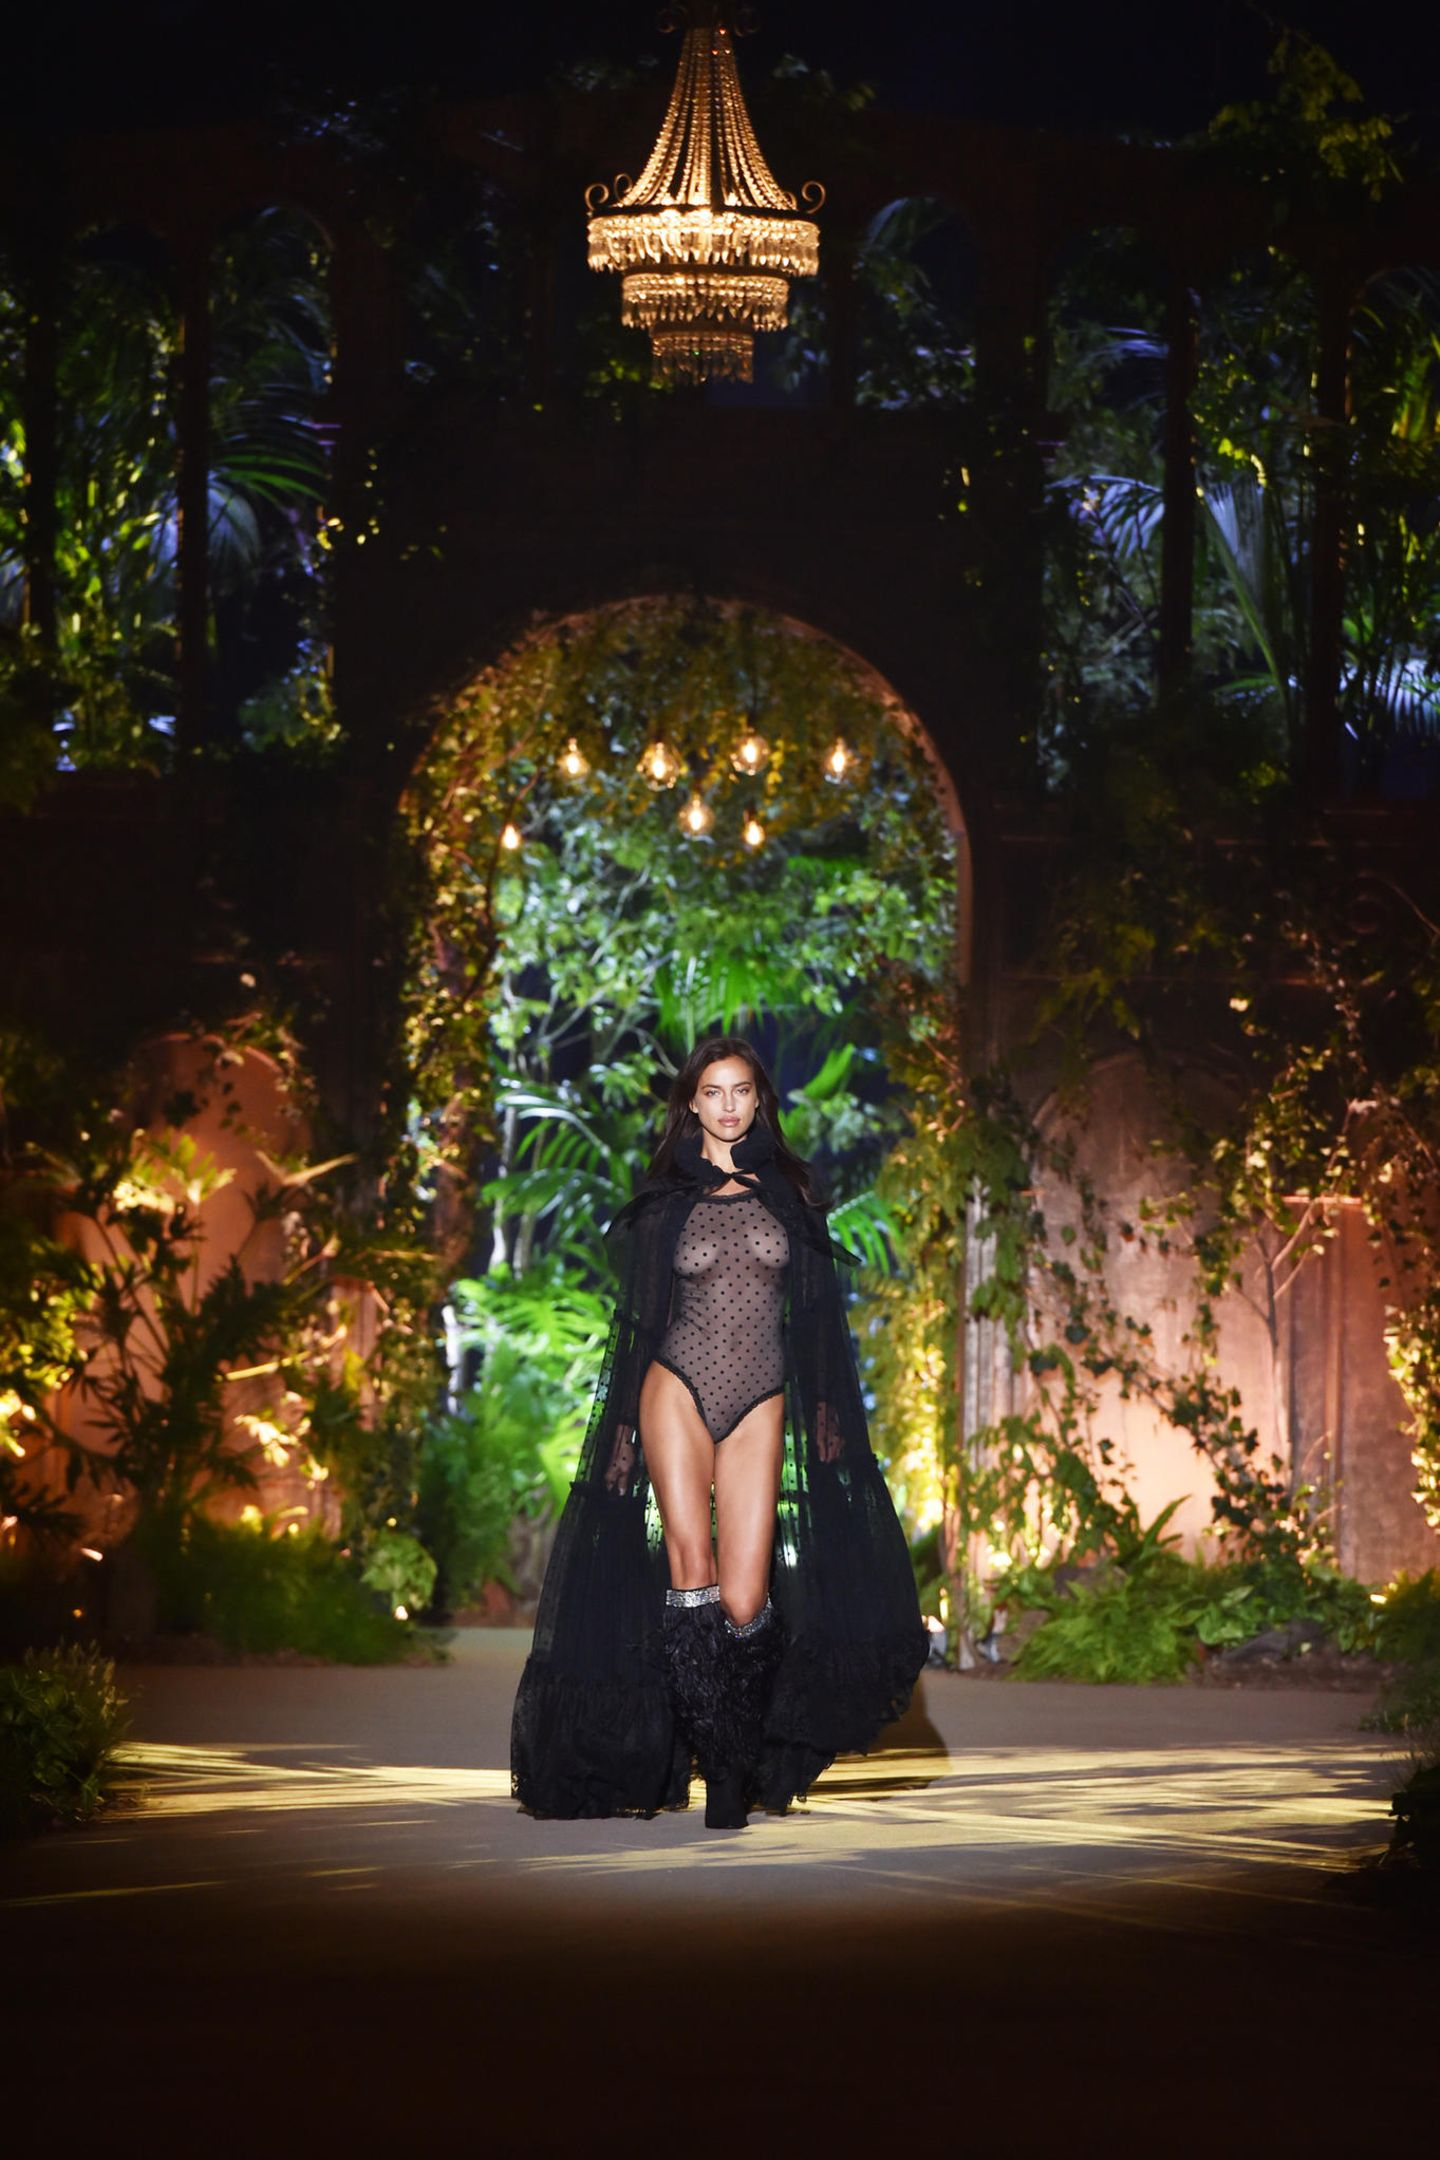 Wow, was für ein Comeback! Supermodel Irina Shayk, die im März 2017 ihre Tochter Lea de Seine zur Welt brachte, ist zurück auf dem Catwalk. Für Intimissimi eröffnet sie in Verona die wohl heißeste Show des Jahres.